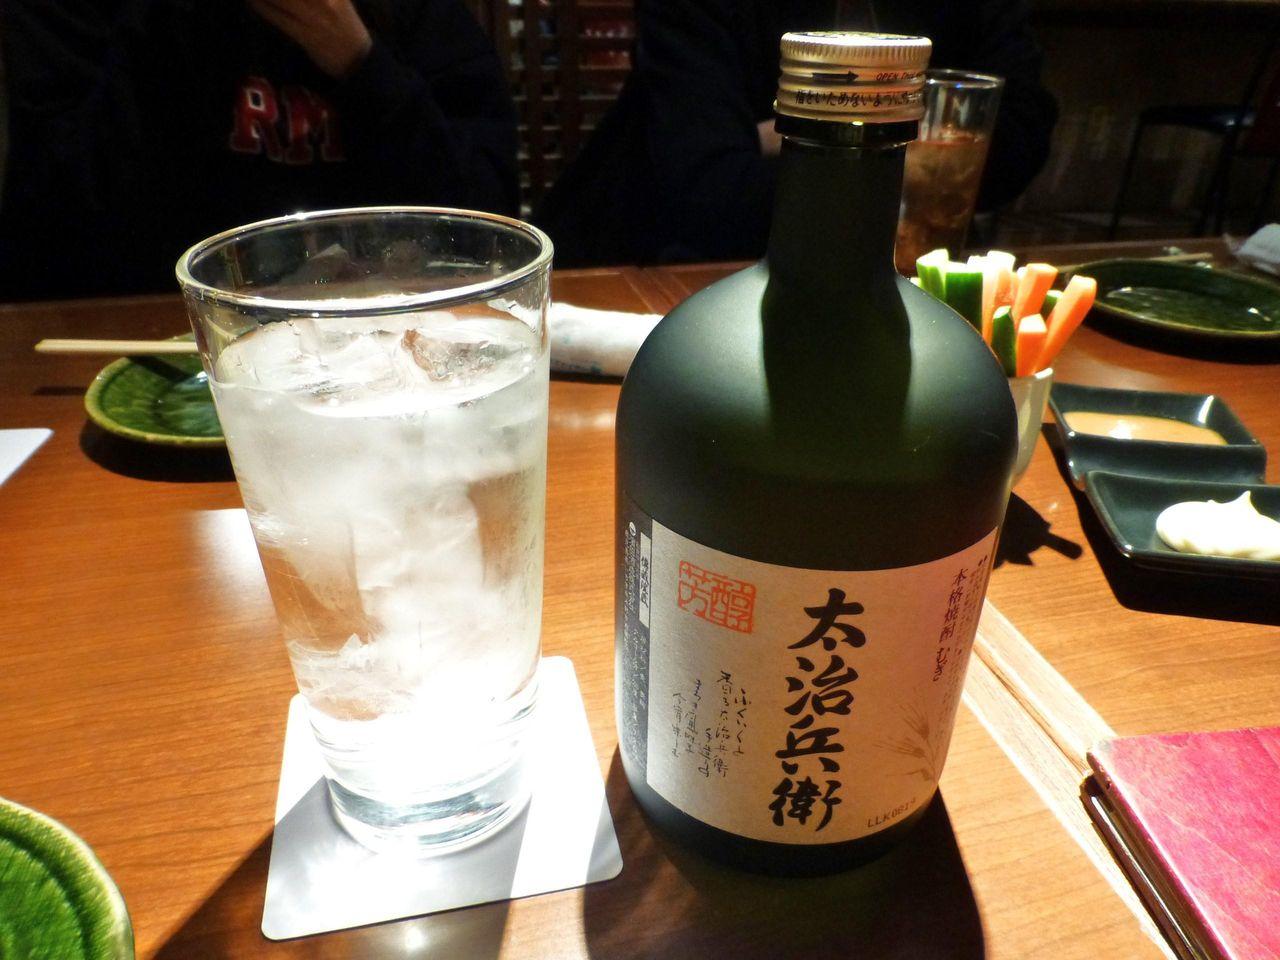 むぎ焼酎「太治兵衛」ボトル2,300円